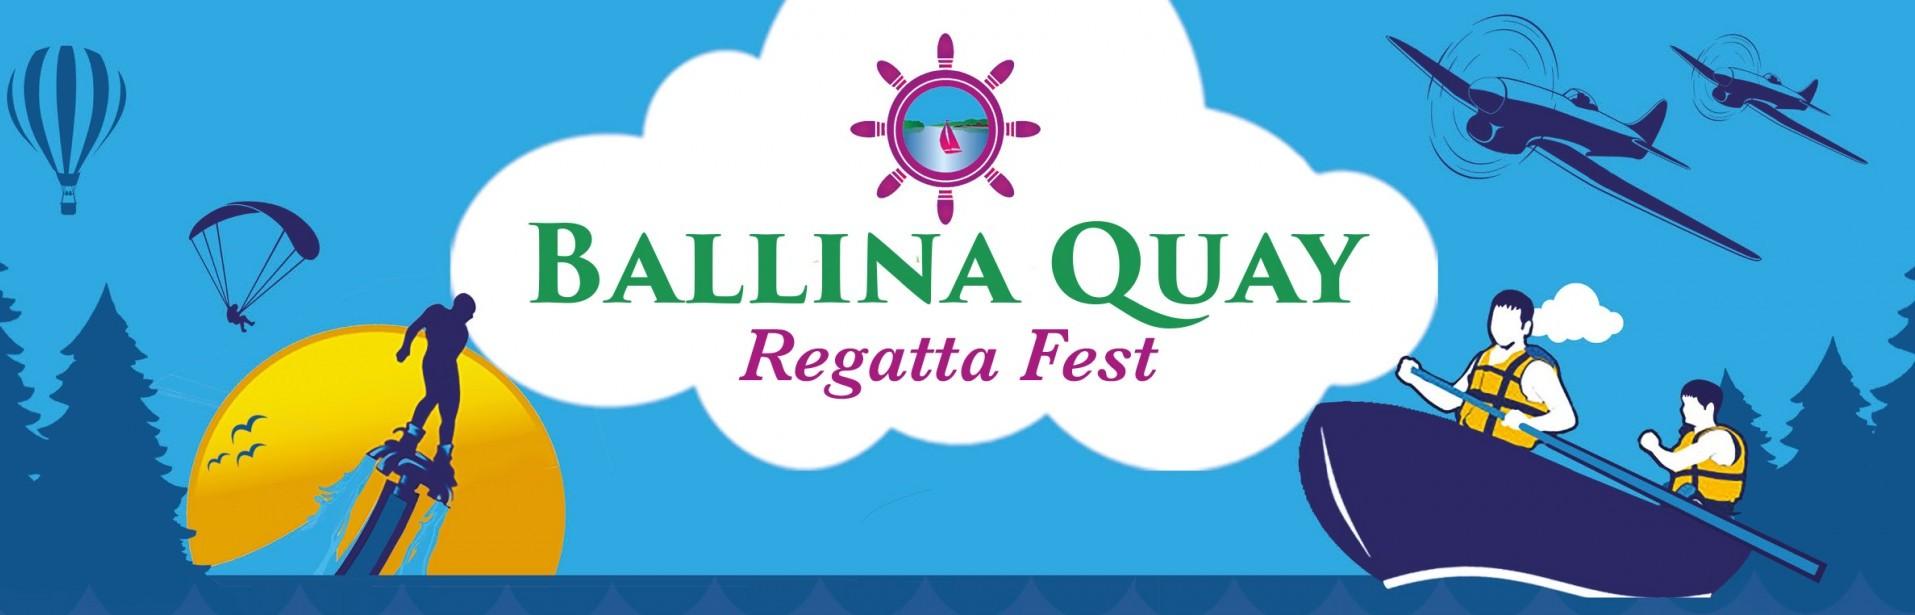 Ballina Quay Regatta festival